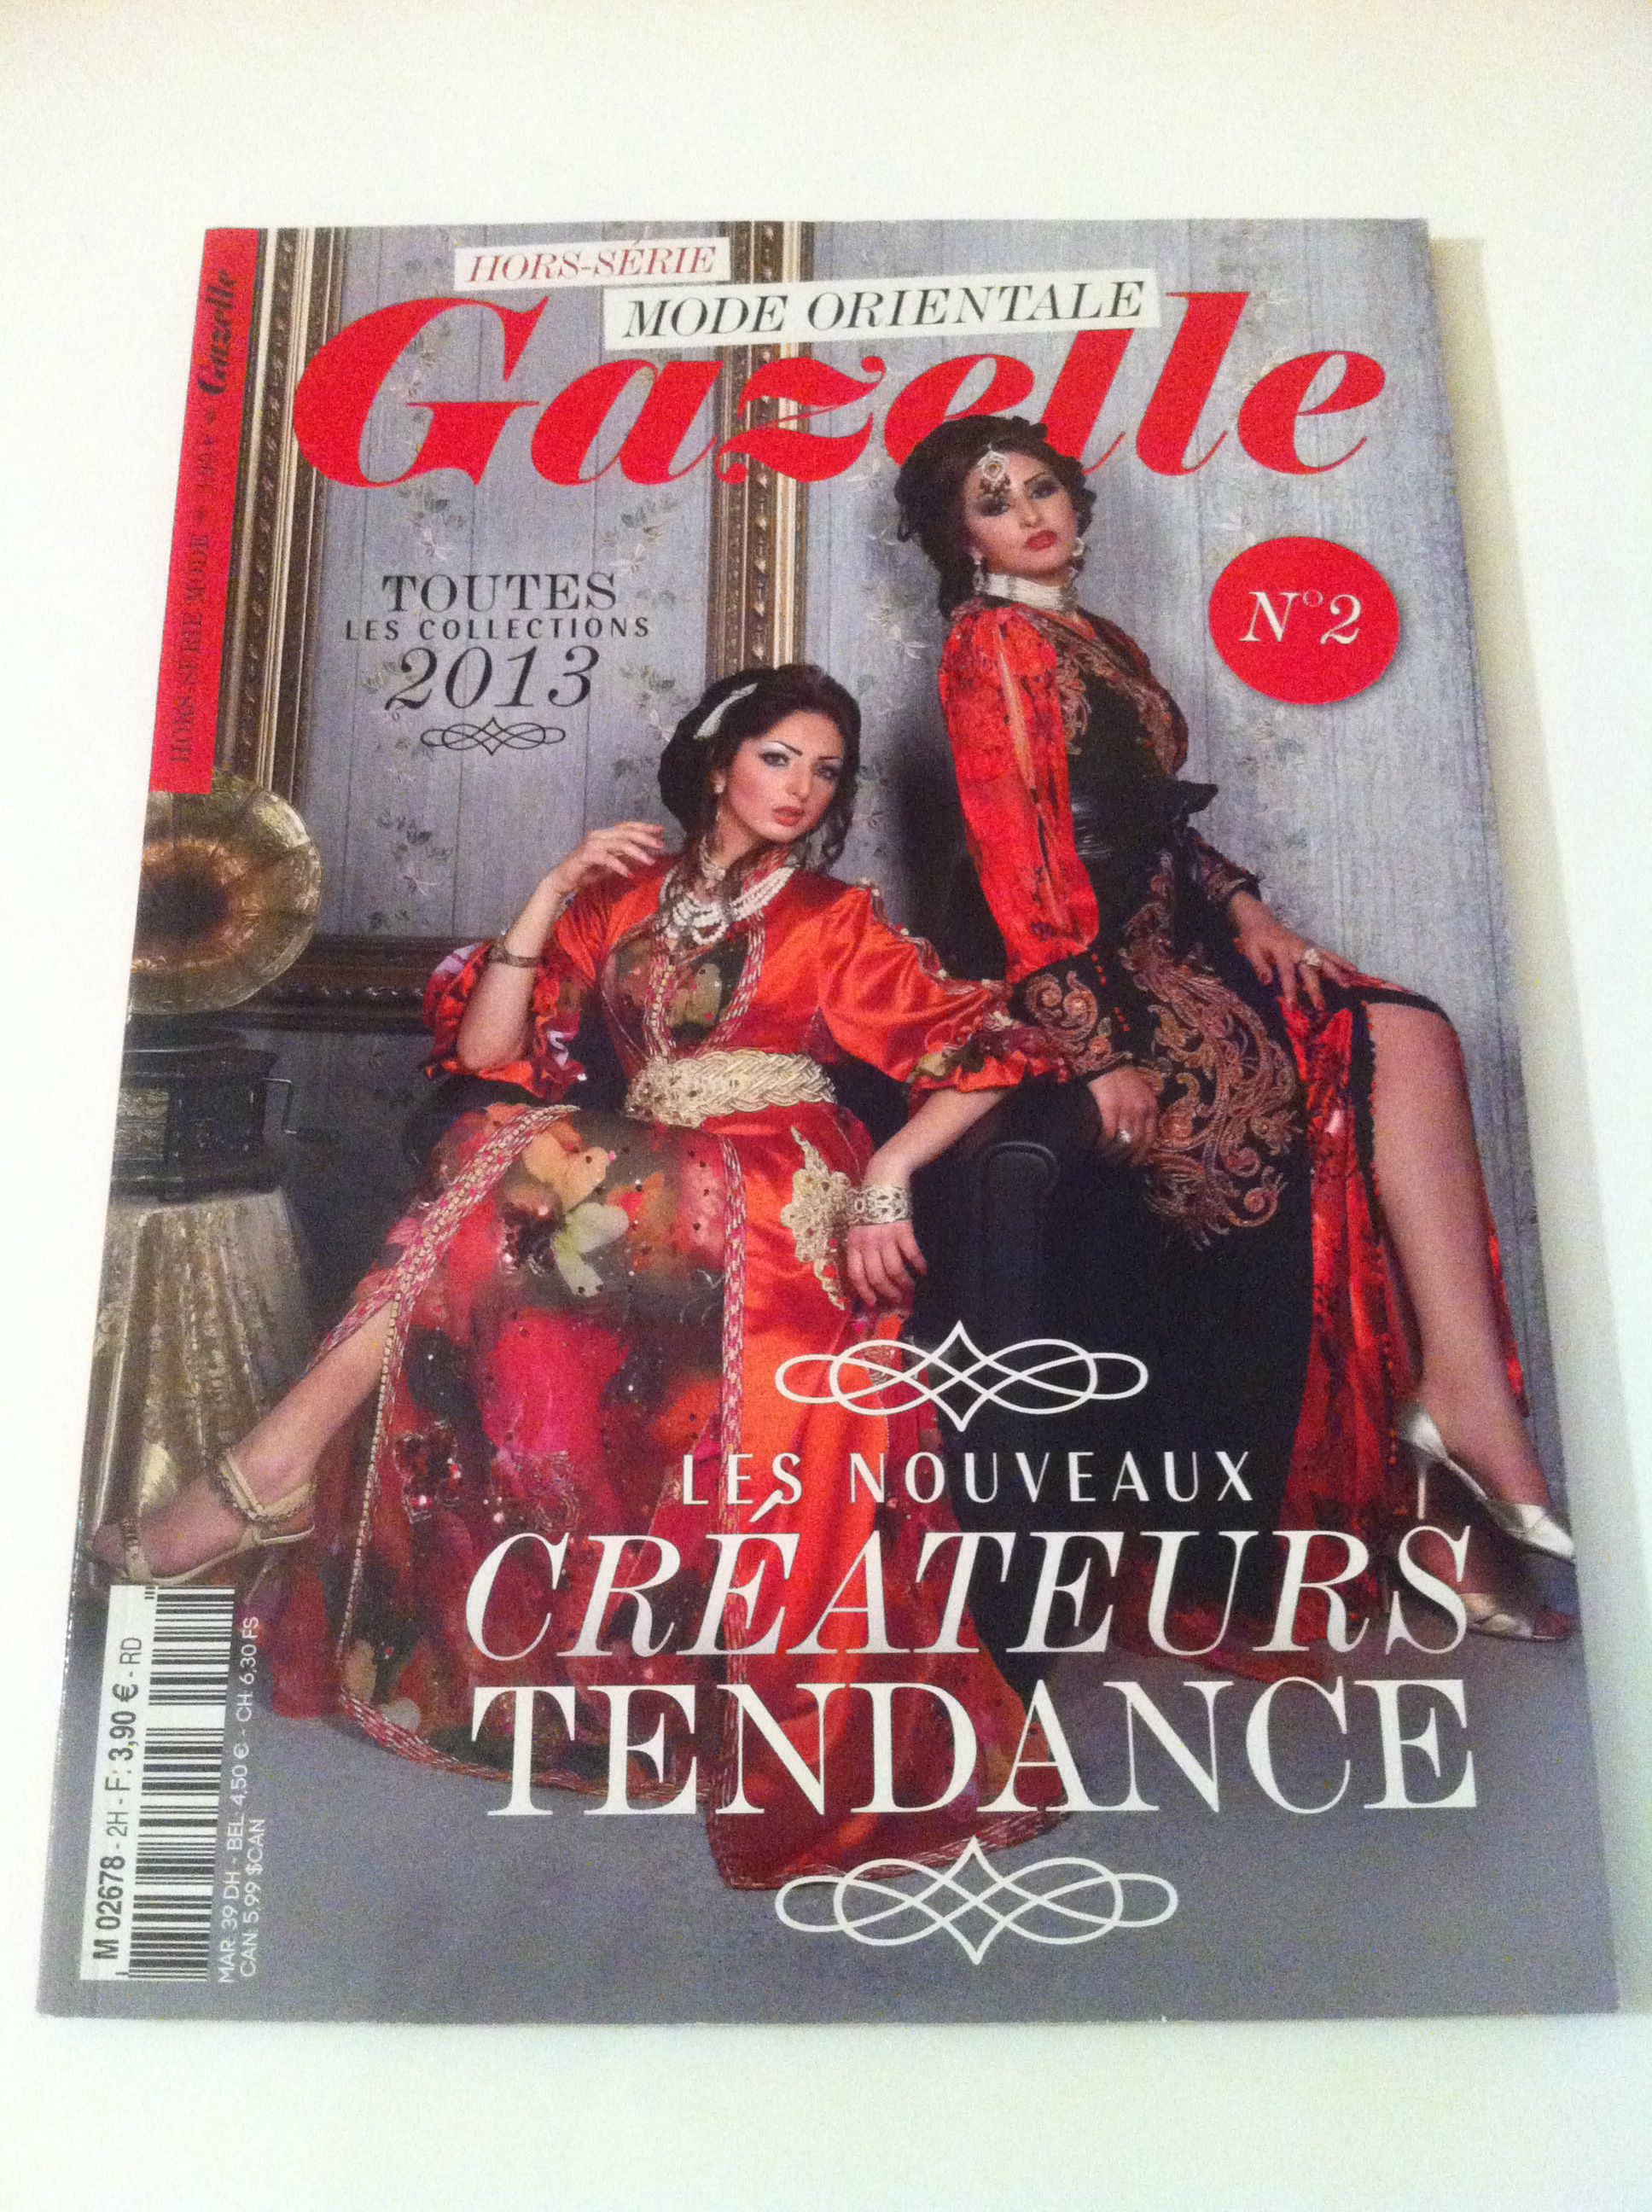 Gazelle hors serie 2 mode orientale | Gazelle, Oriental, Mode